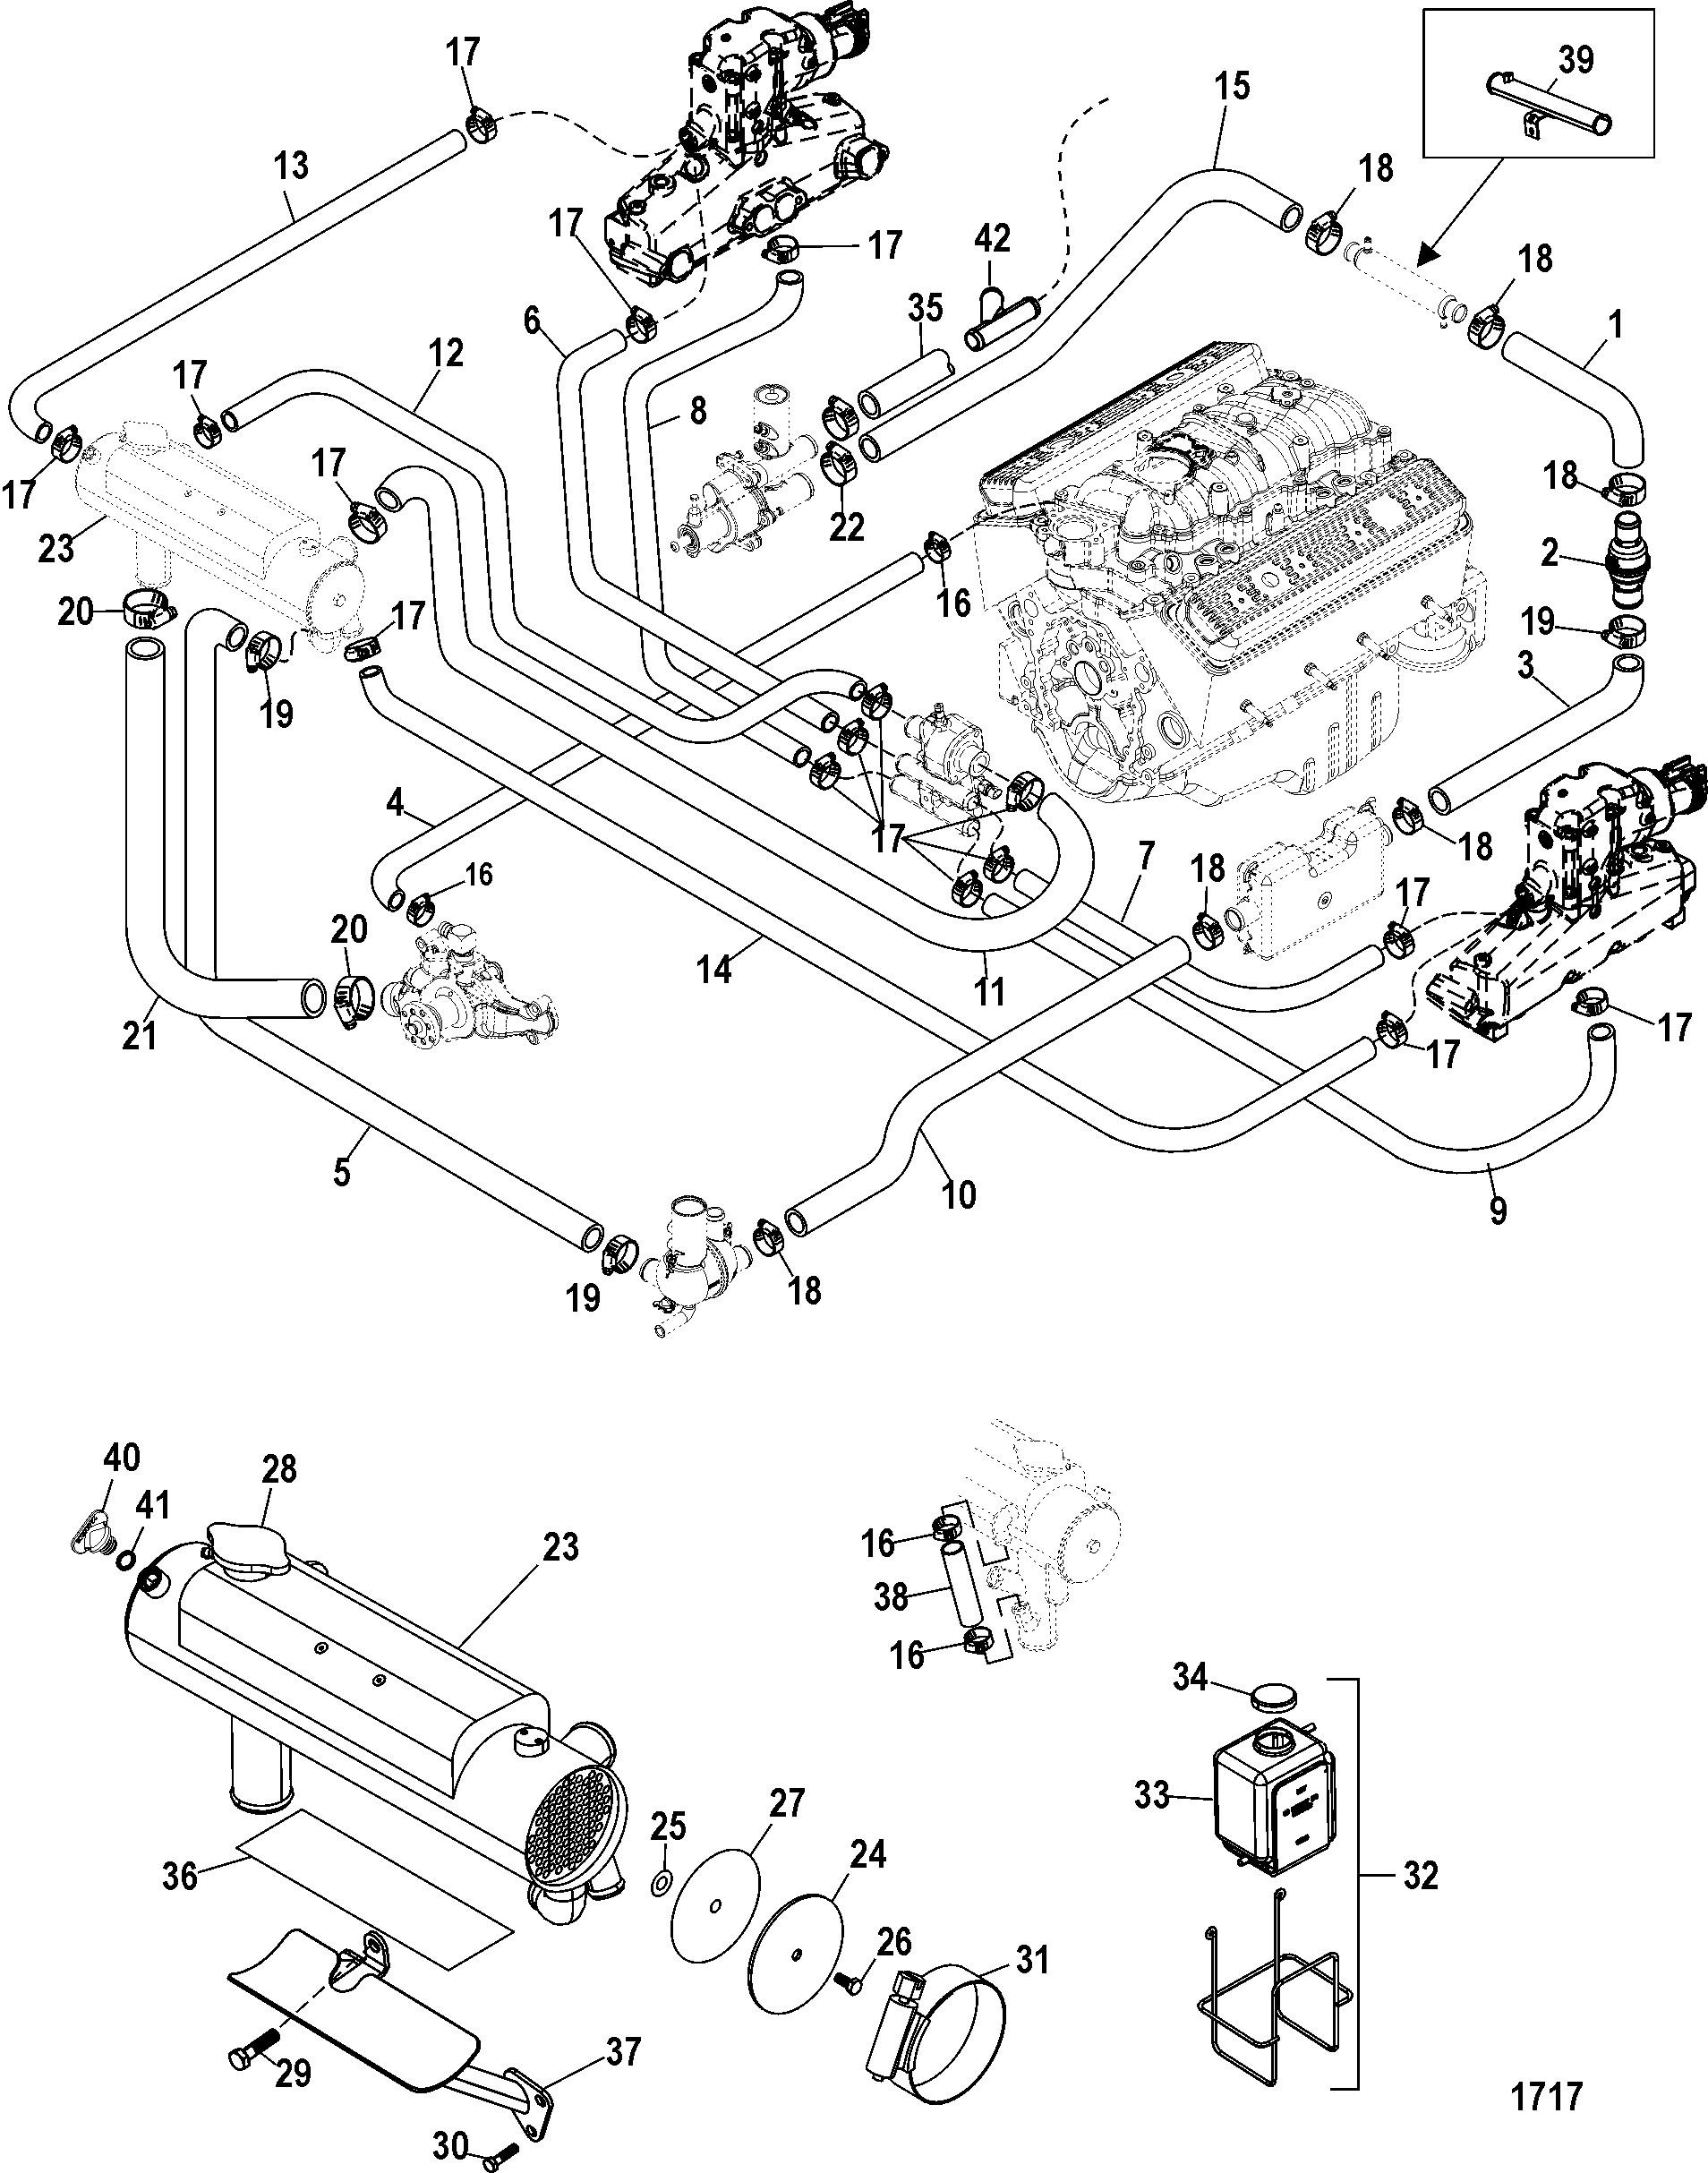 Marine Engine Cooling System Diagram Hardin Marine Closed Cooling System Of Marine Engine Cooling System Diagram